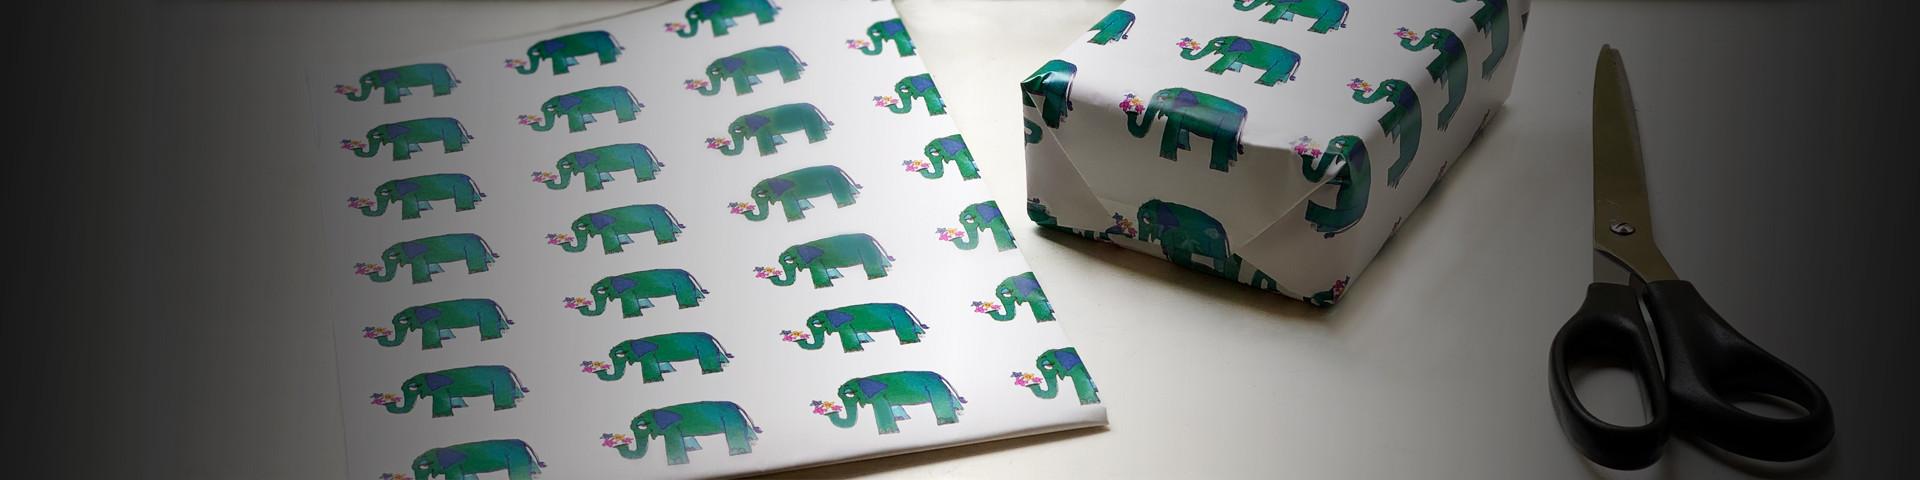 passende Geschenkverpackung für Elefantenliebhaber kaufen